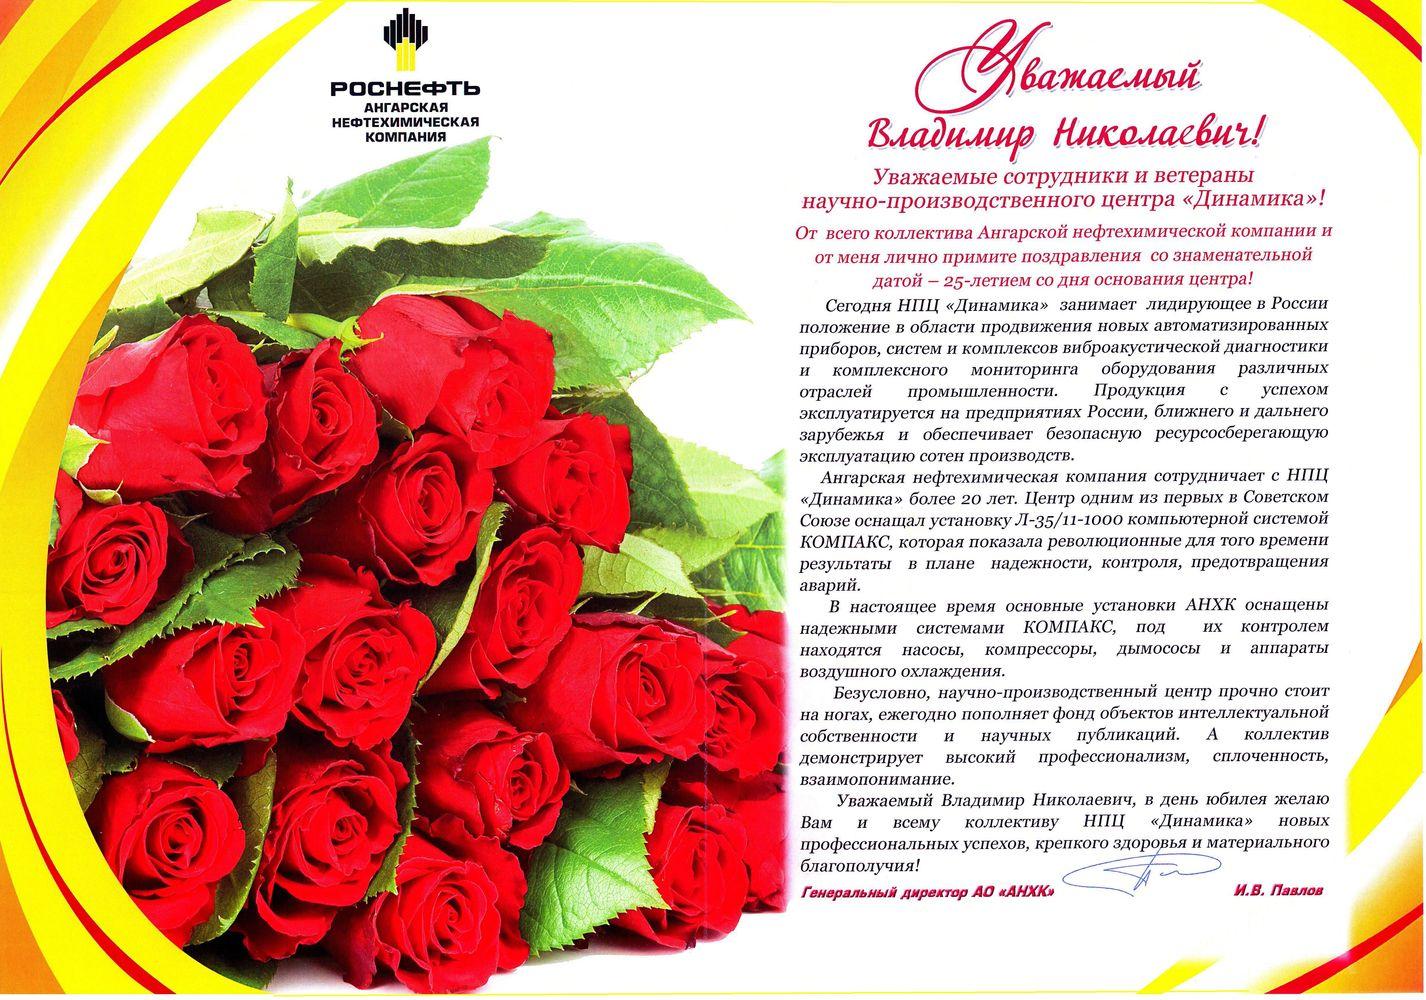 Поздравления с юбилеем компании с открытками